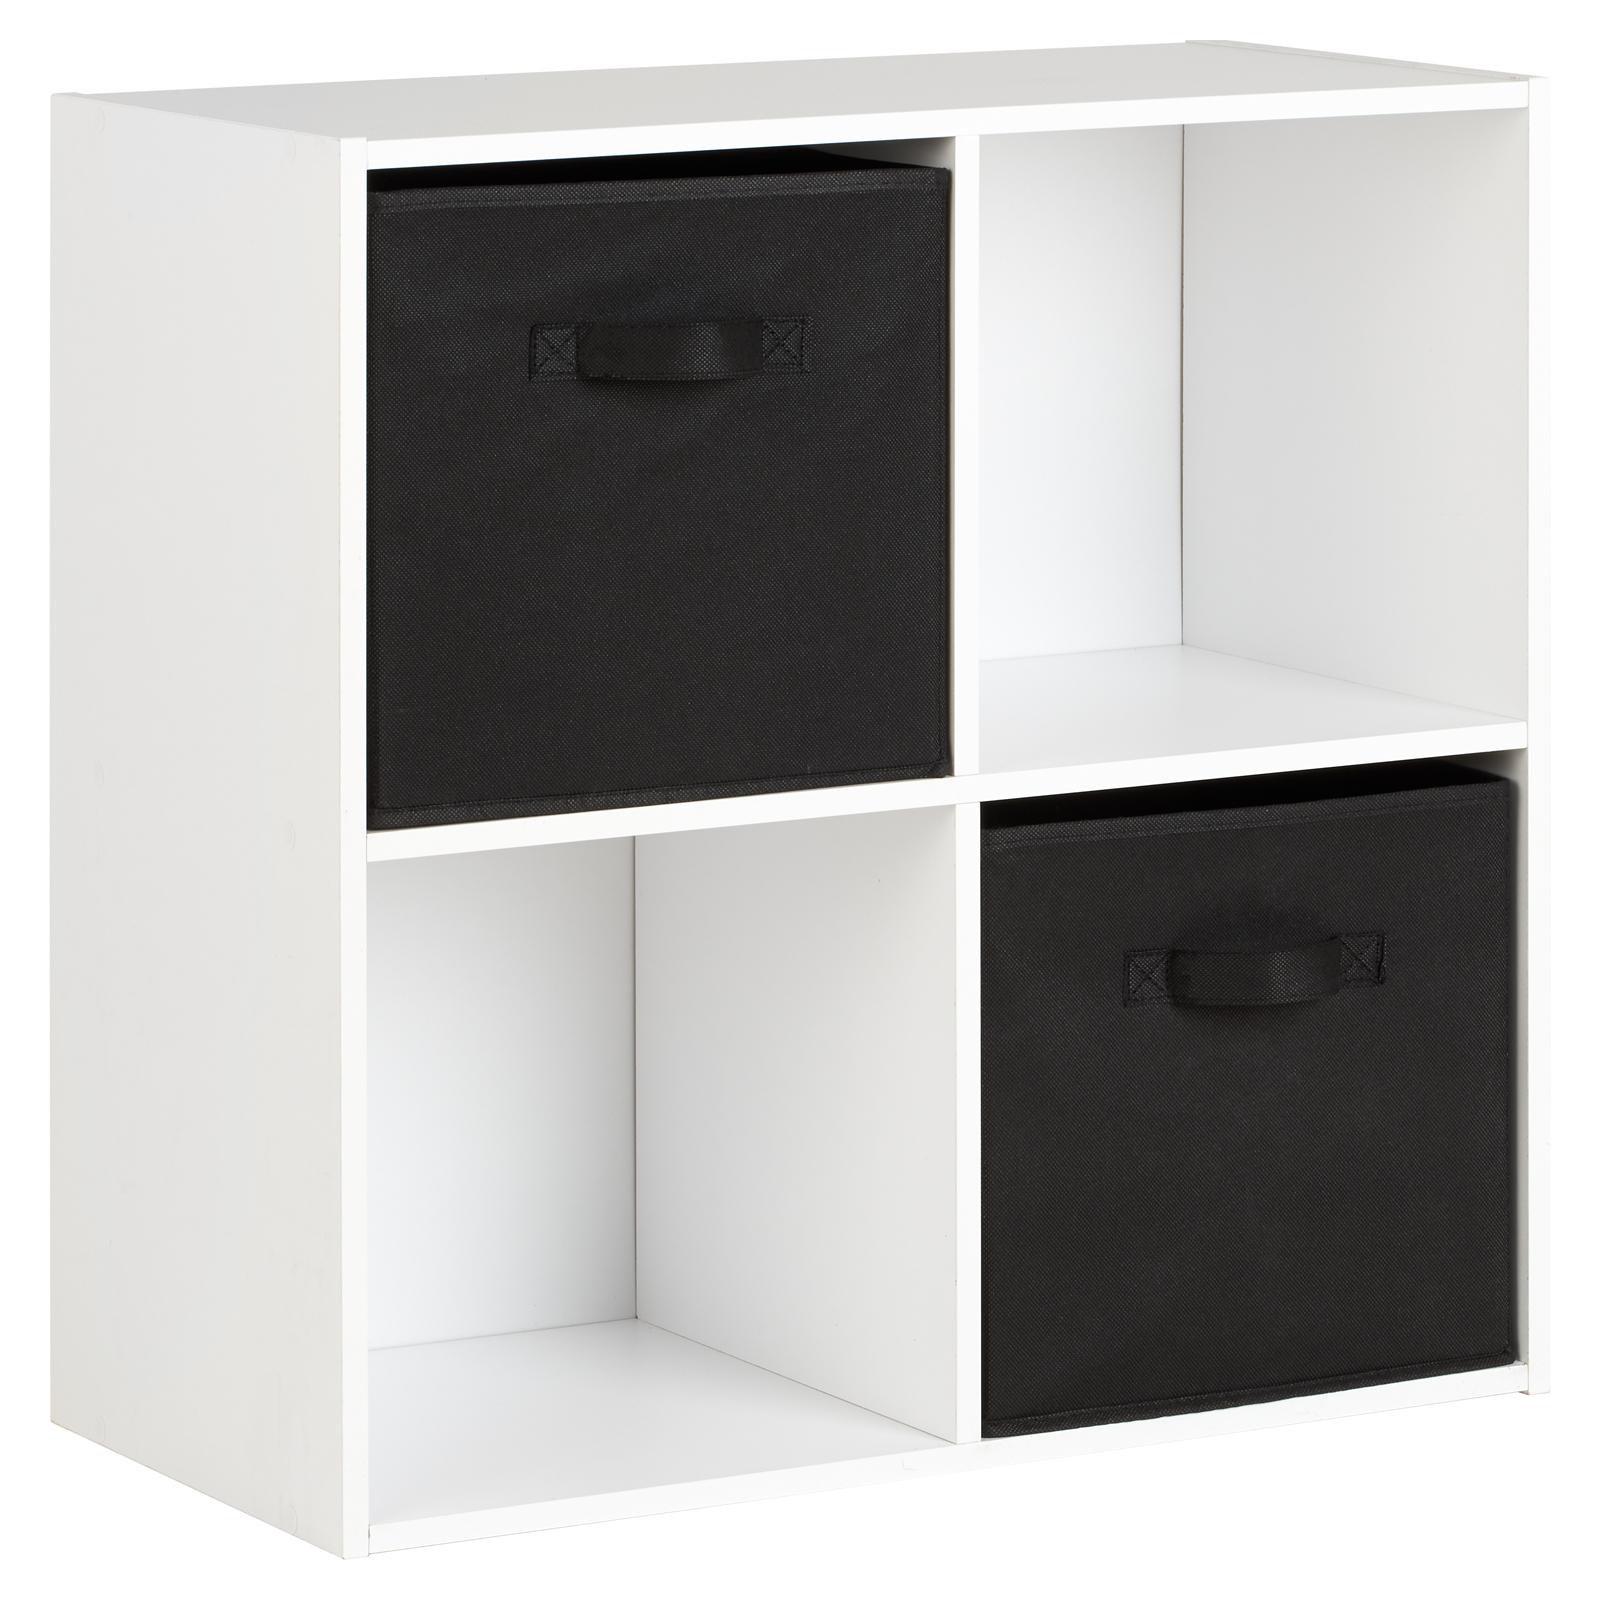 image-Hartleys White 4 Cube Storage Unit & 2 Handled Box Drawers - Black